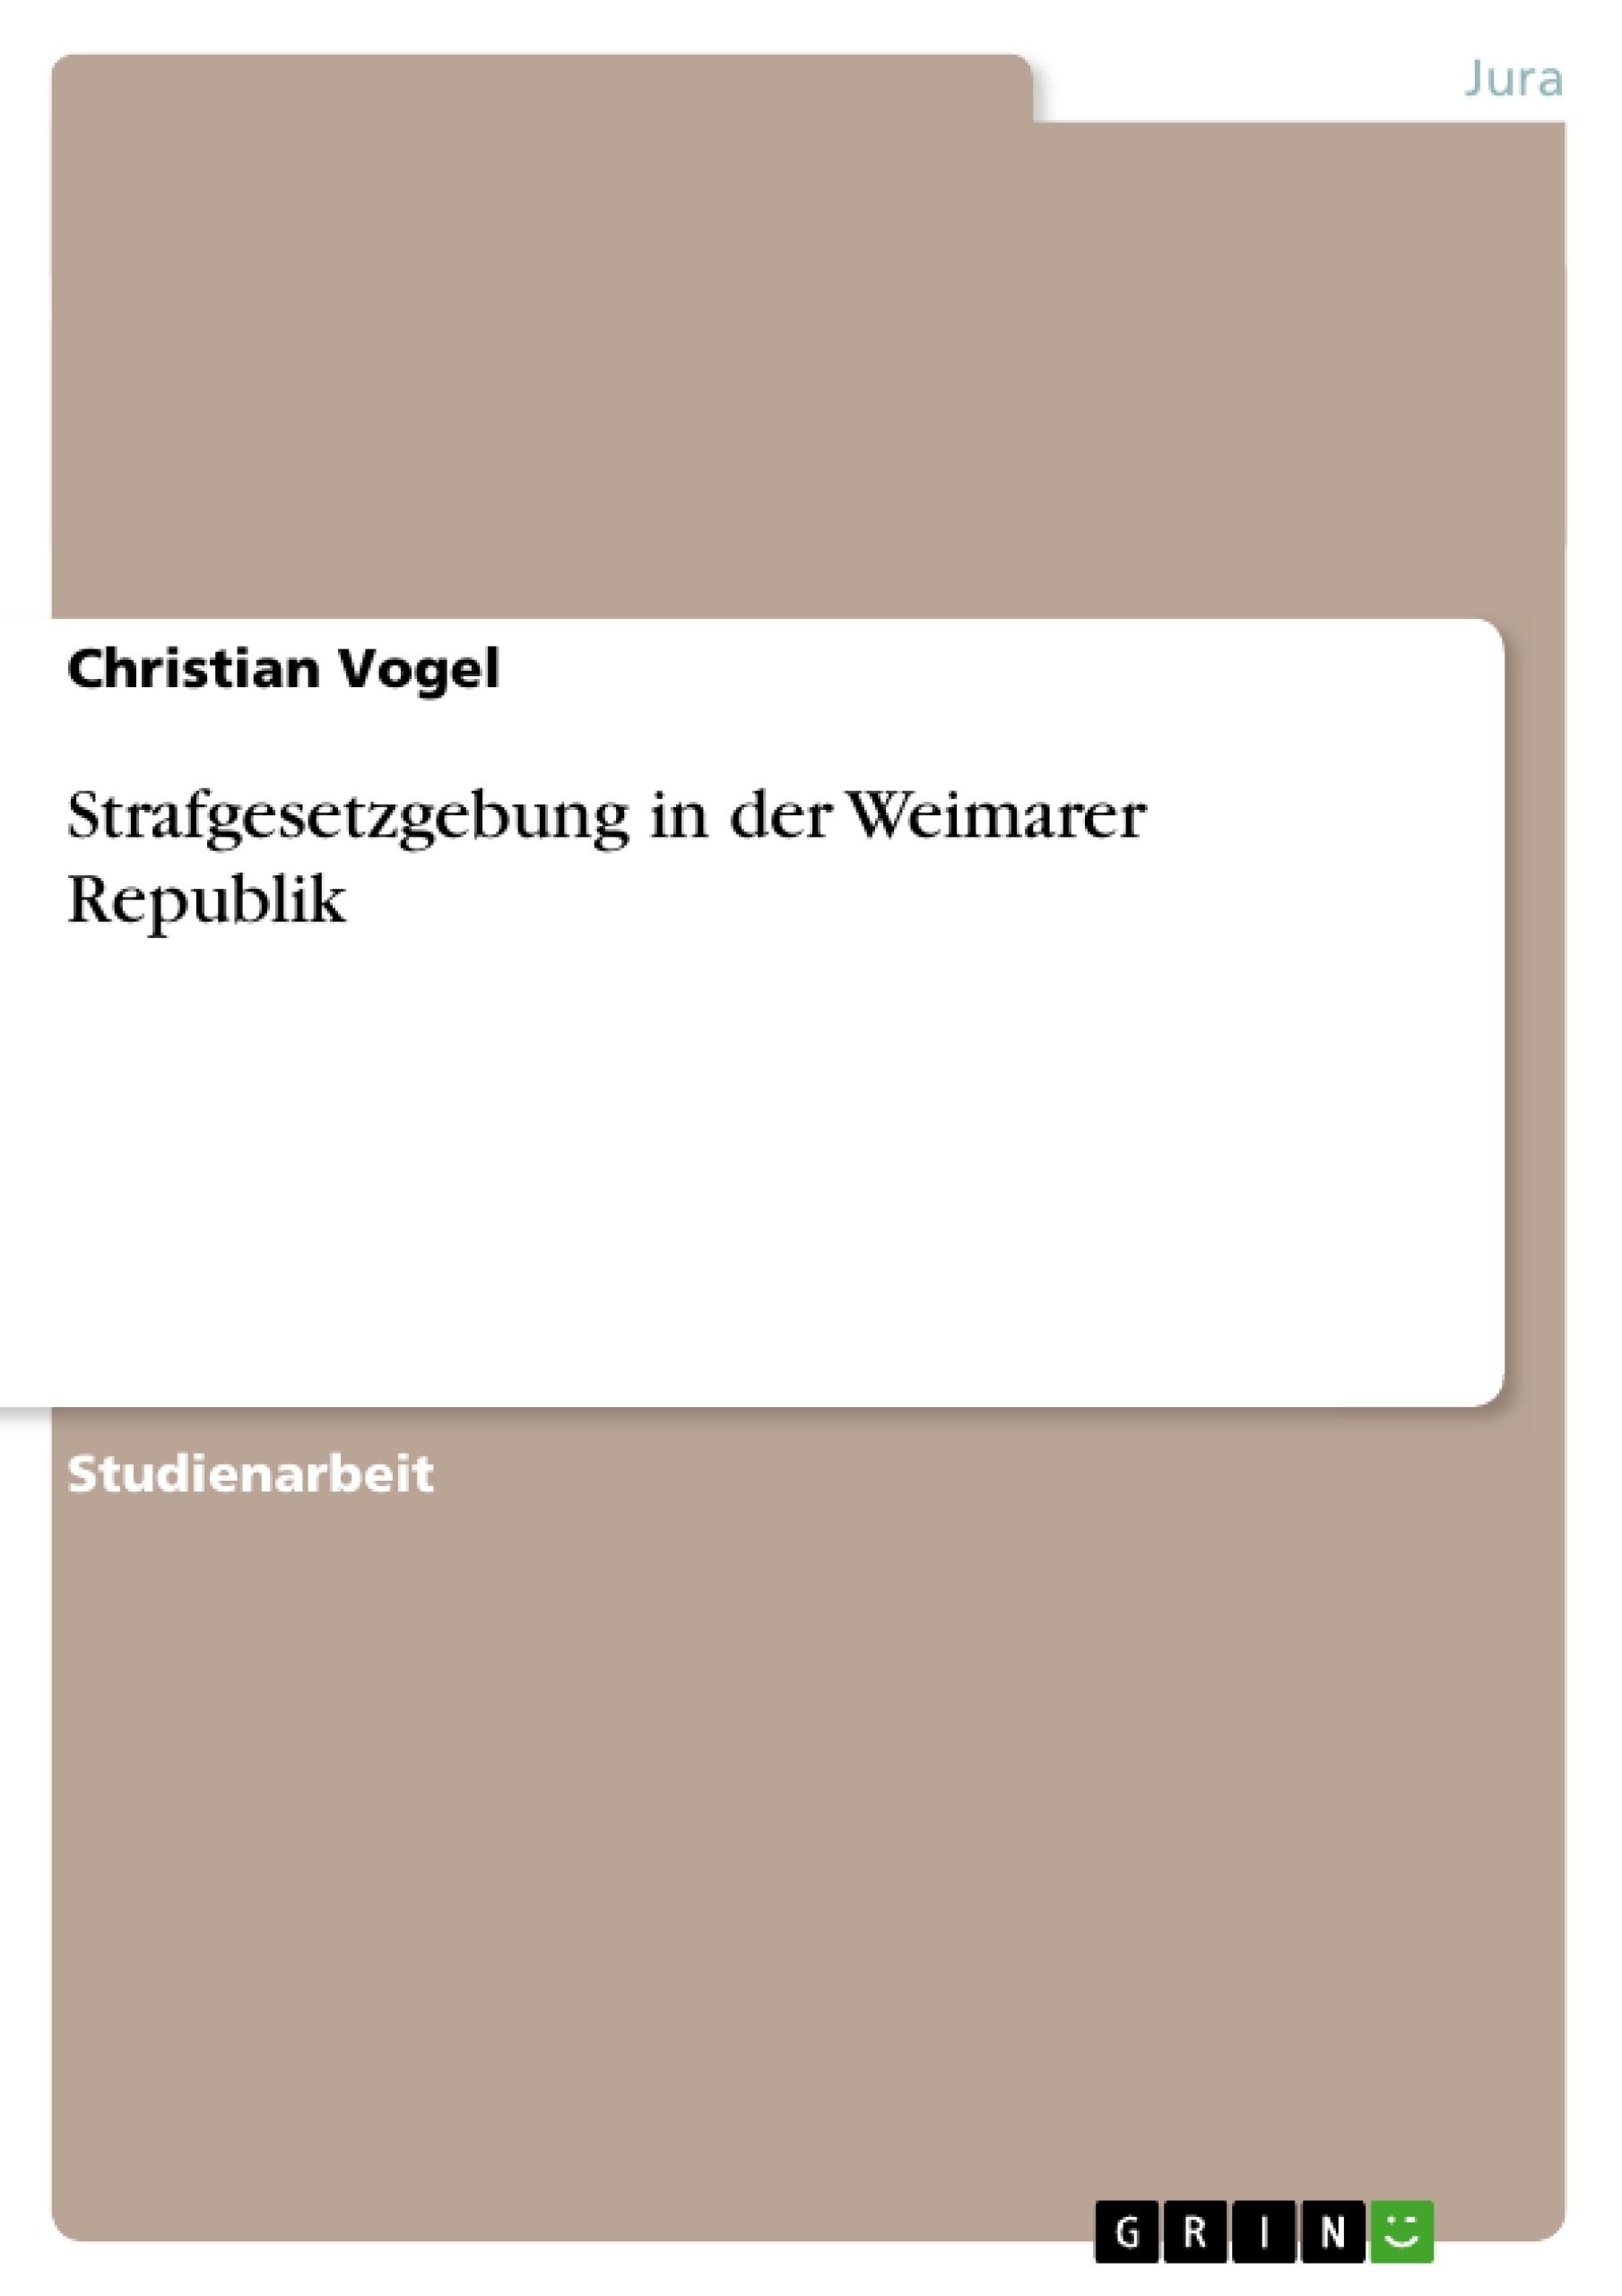 Titel: Strafgesetzgebung in der Weimarer Republik